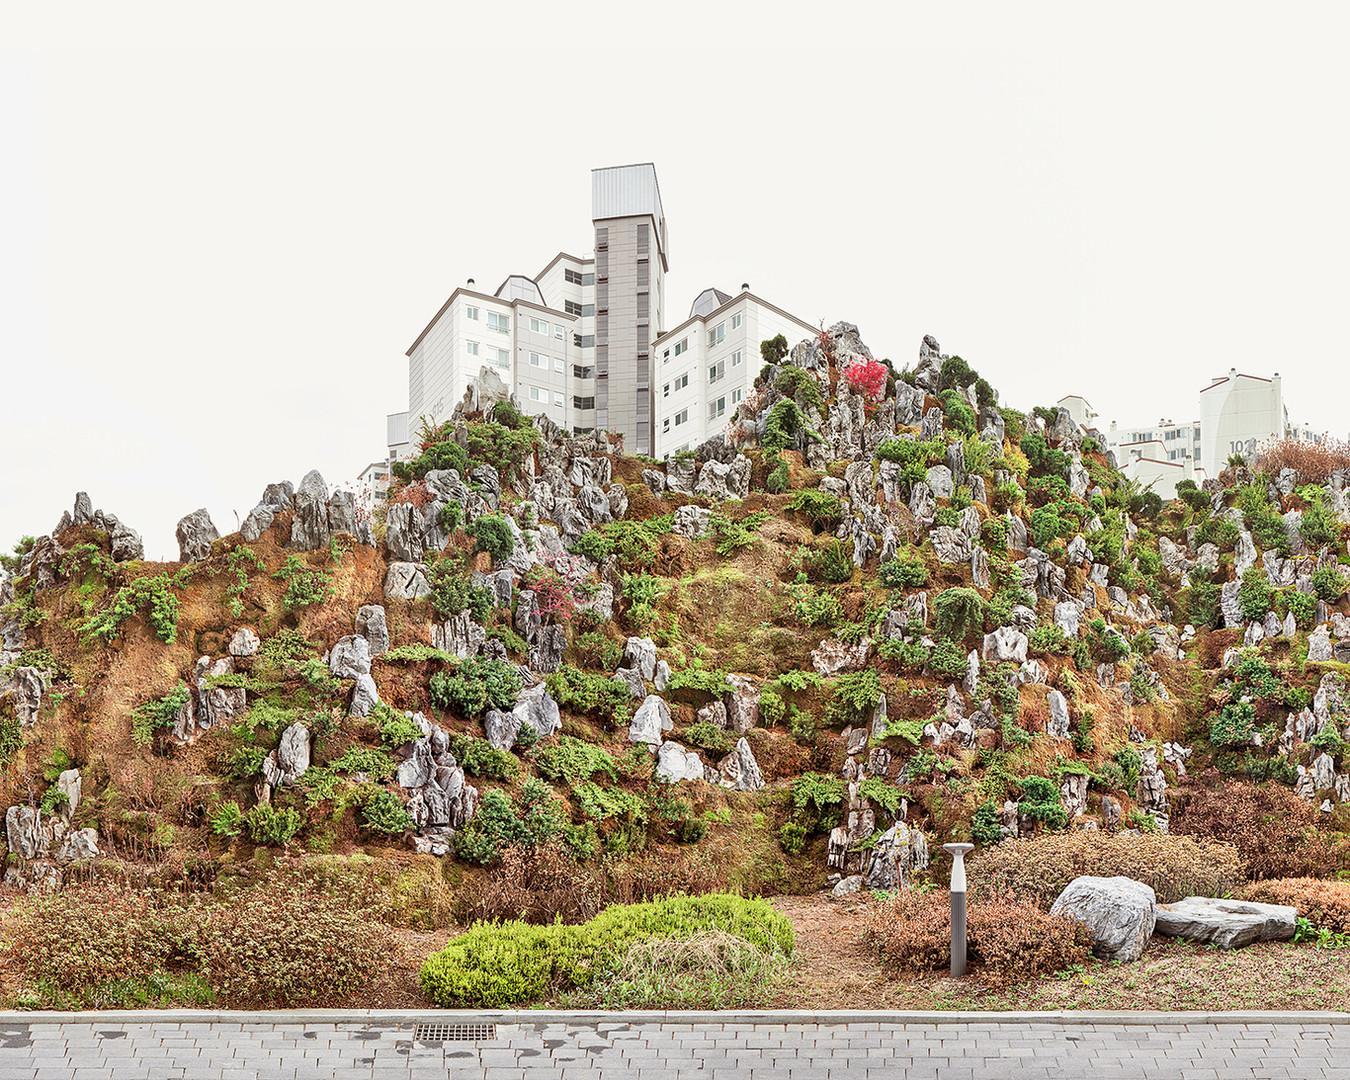 Mt. Samgak 1, Seoul, October 2011